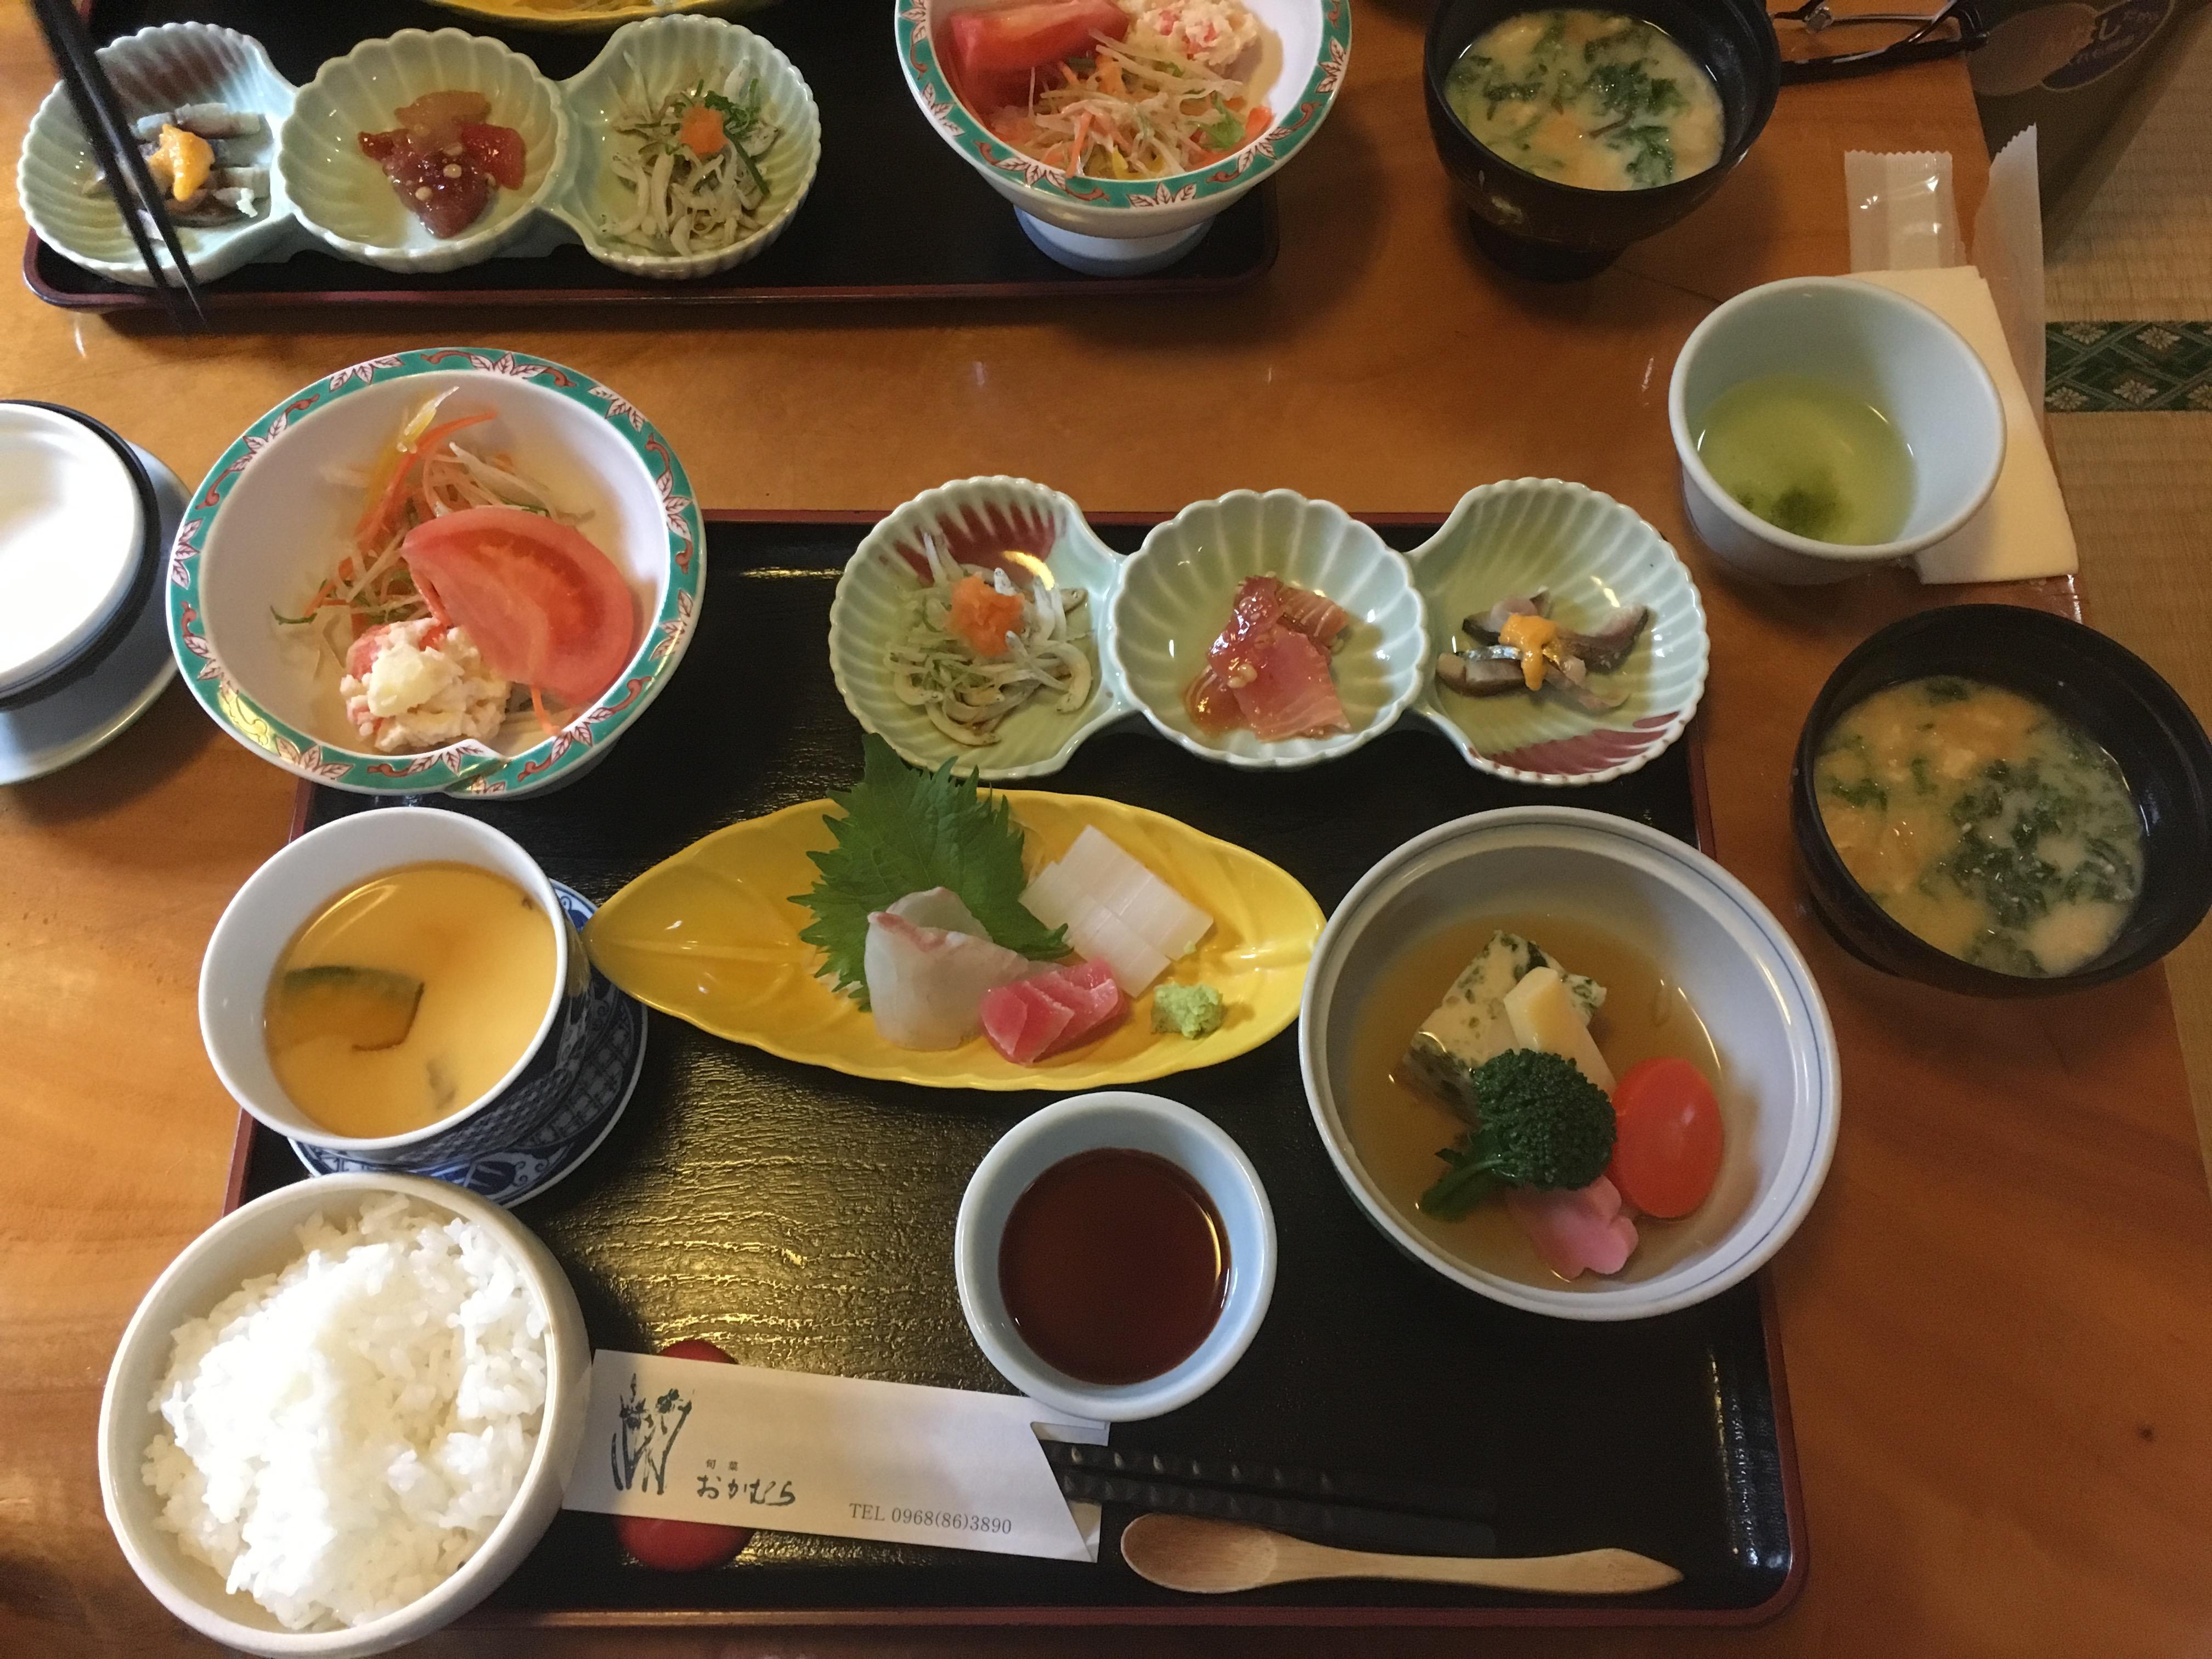 【旬菜おかむら】和水町!まったりランチから宴会利用ができる懐石料理のお店